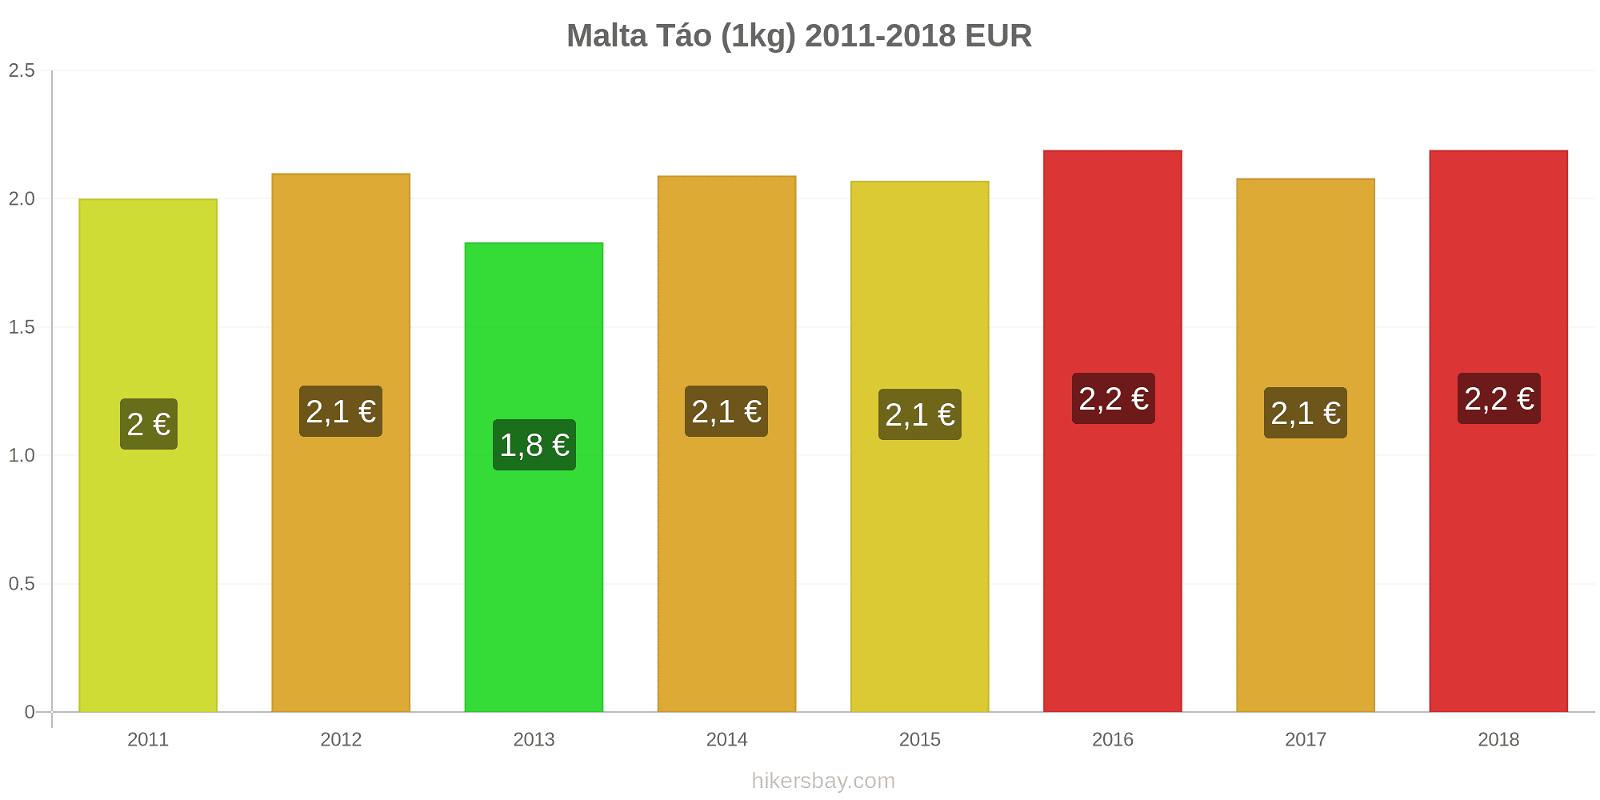 Malta thay đổi giá Táo (1kg) hikersbay.com